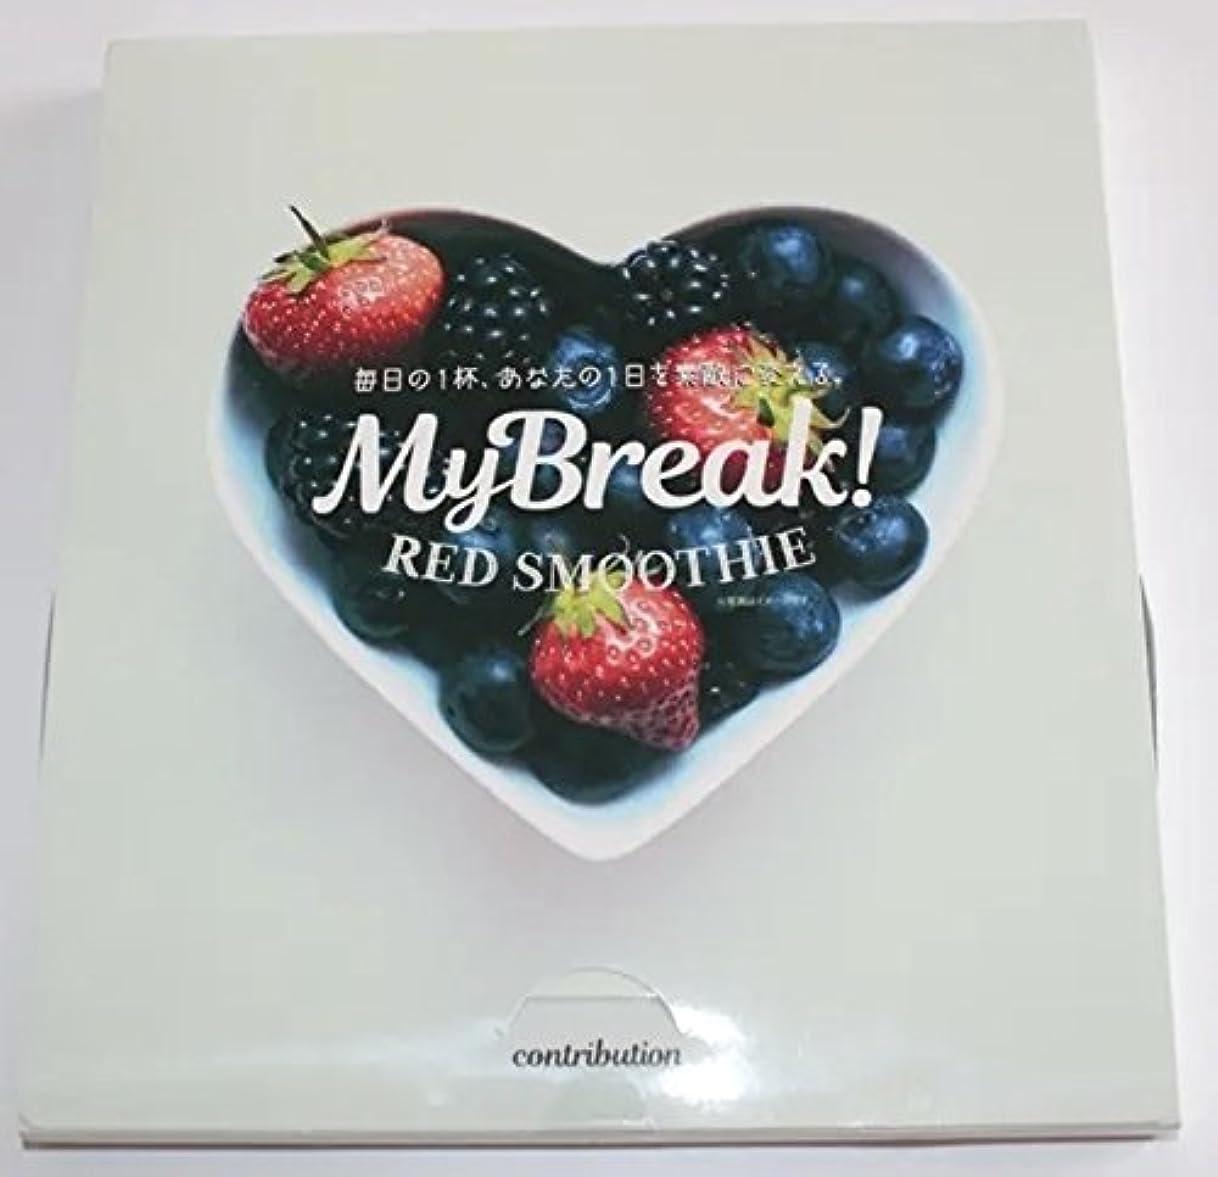 斧予約結婚するMyBreak! RED SMOOTHIE マイブレイク レッドスムージー 150g(1包5g×30包) [並行輸入品]